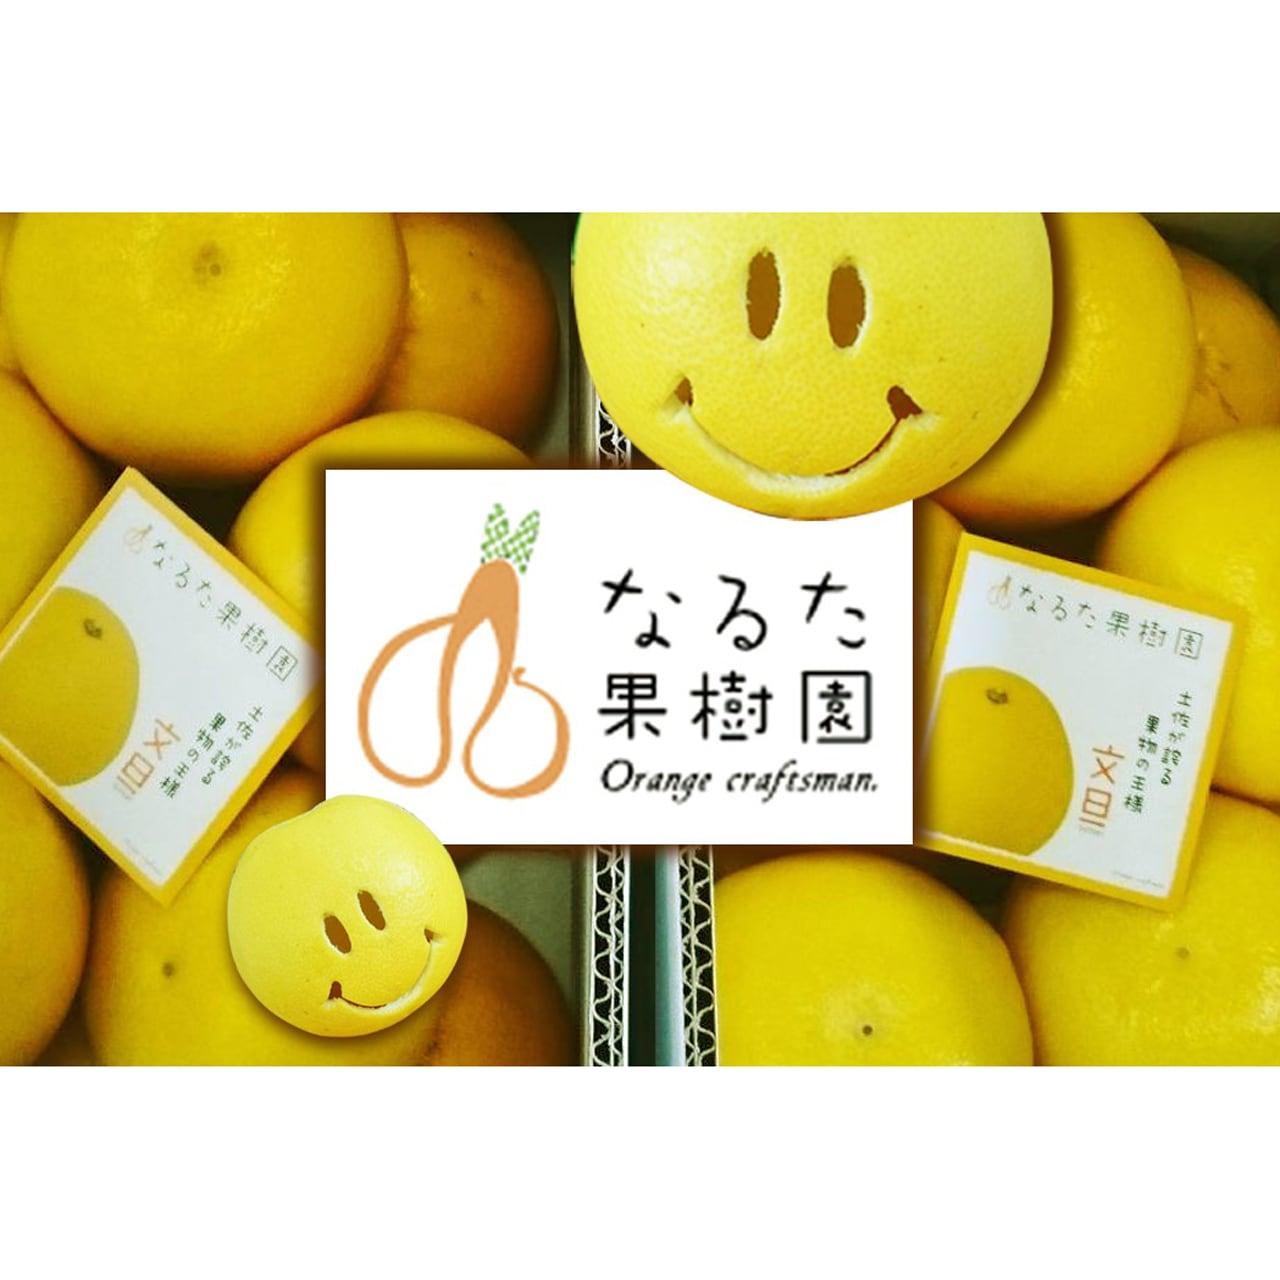 成田果樹園の文旦〔贈答用〕7kg